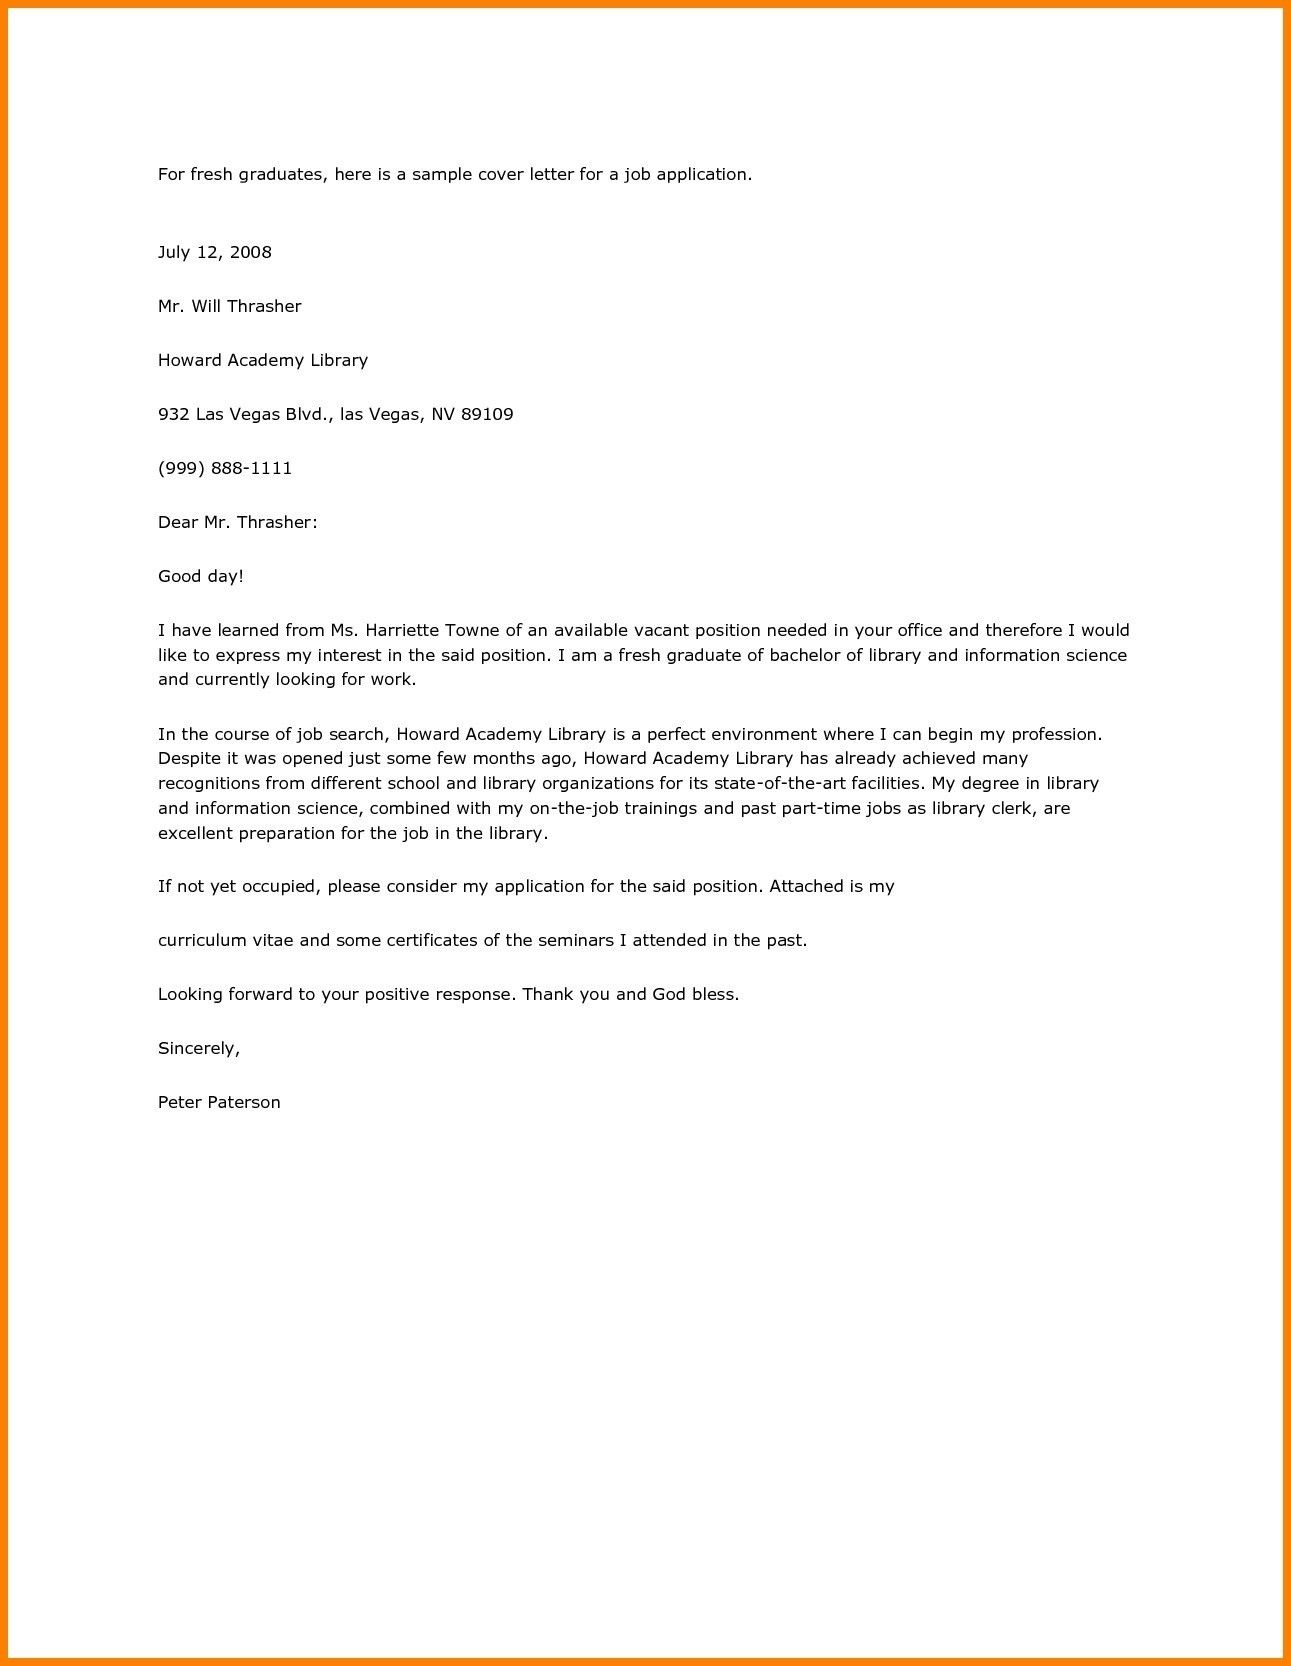 Cover Letter Sample For Graduate Jobs Fresh Job Application Letter Intended For Application Letter Job Cover Letter Cover Letter For Resume Application Letters